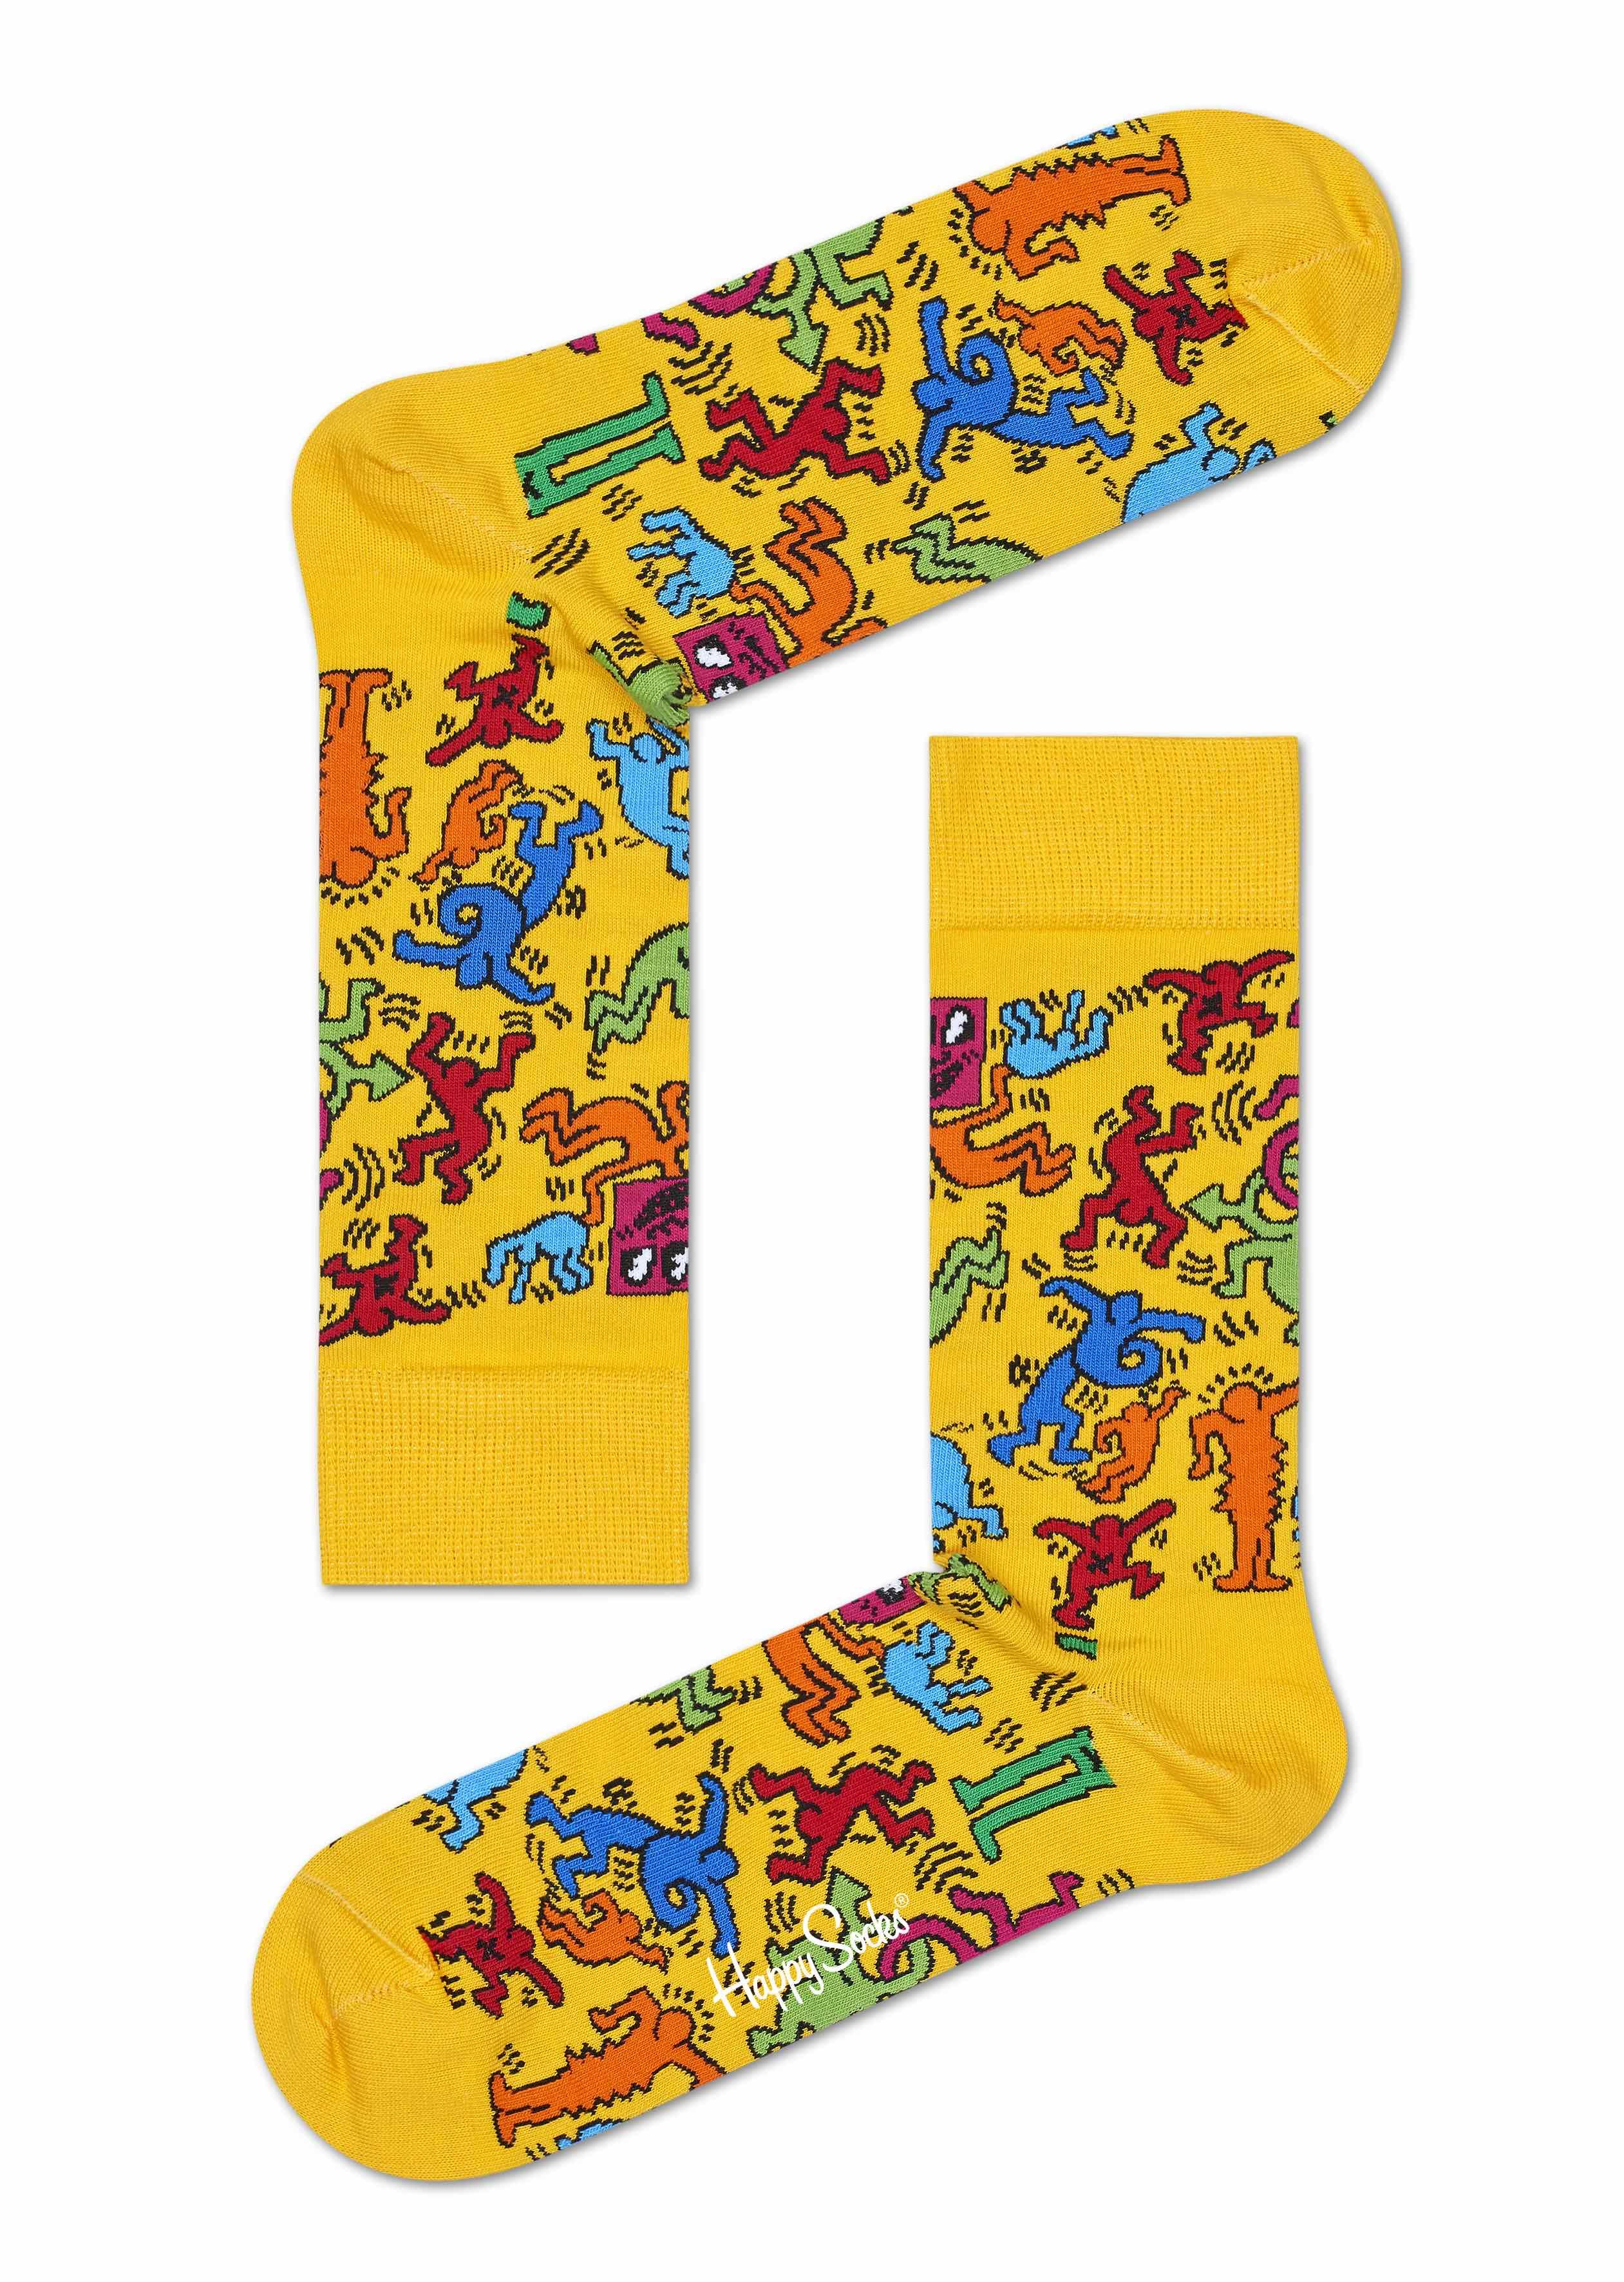 Happy Socks x Keith Haring strumpor gul ny